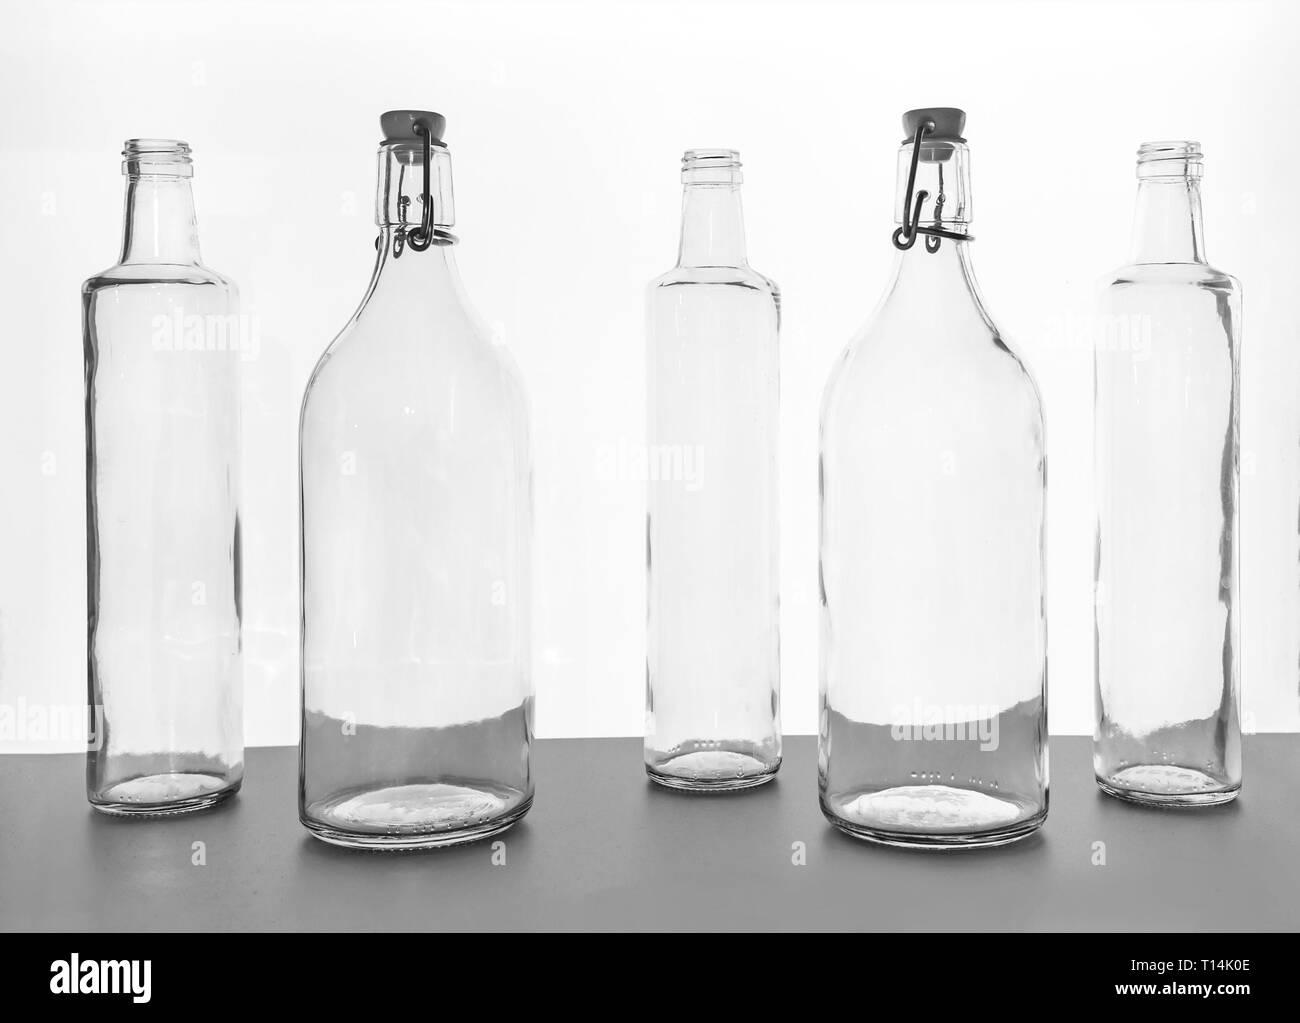 Super Leere transparente Glas Flaschen Silhouette auf dem weißen WN24